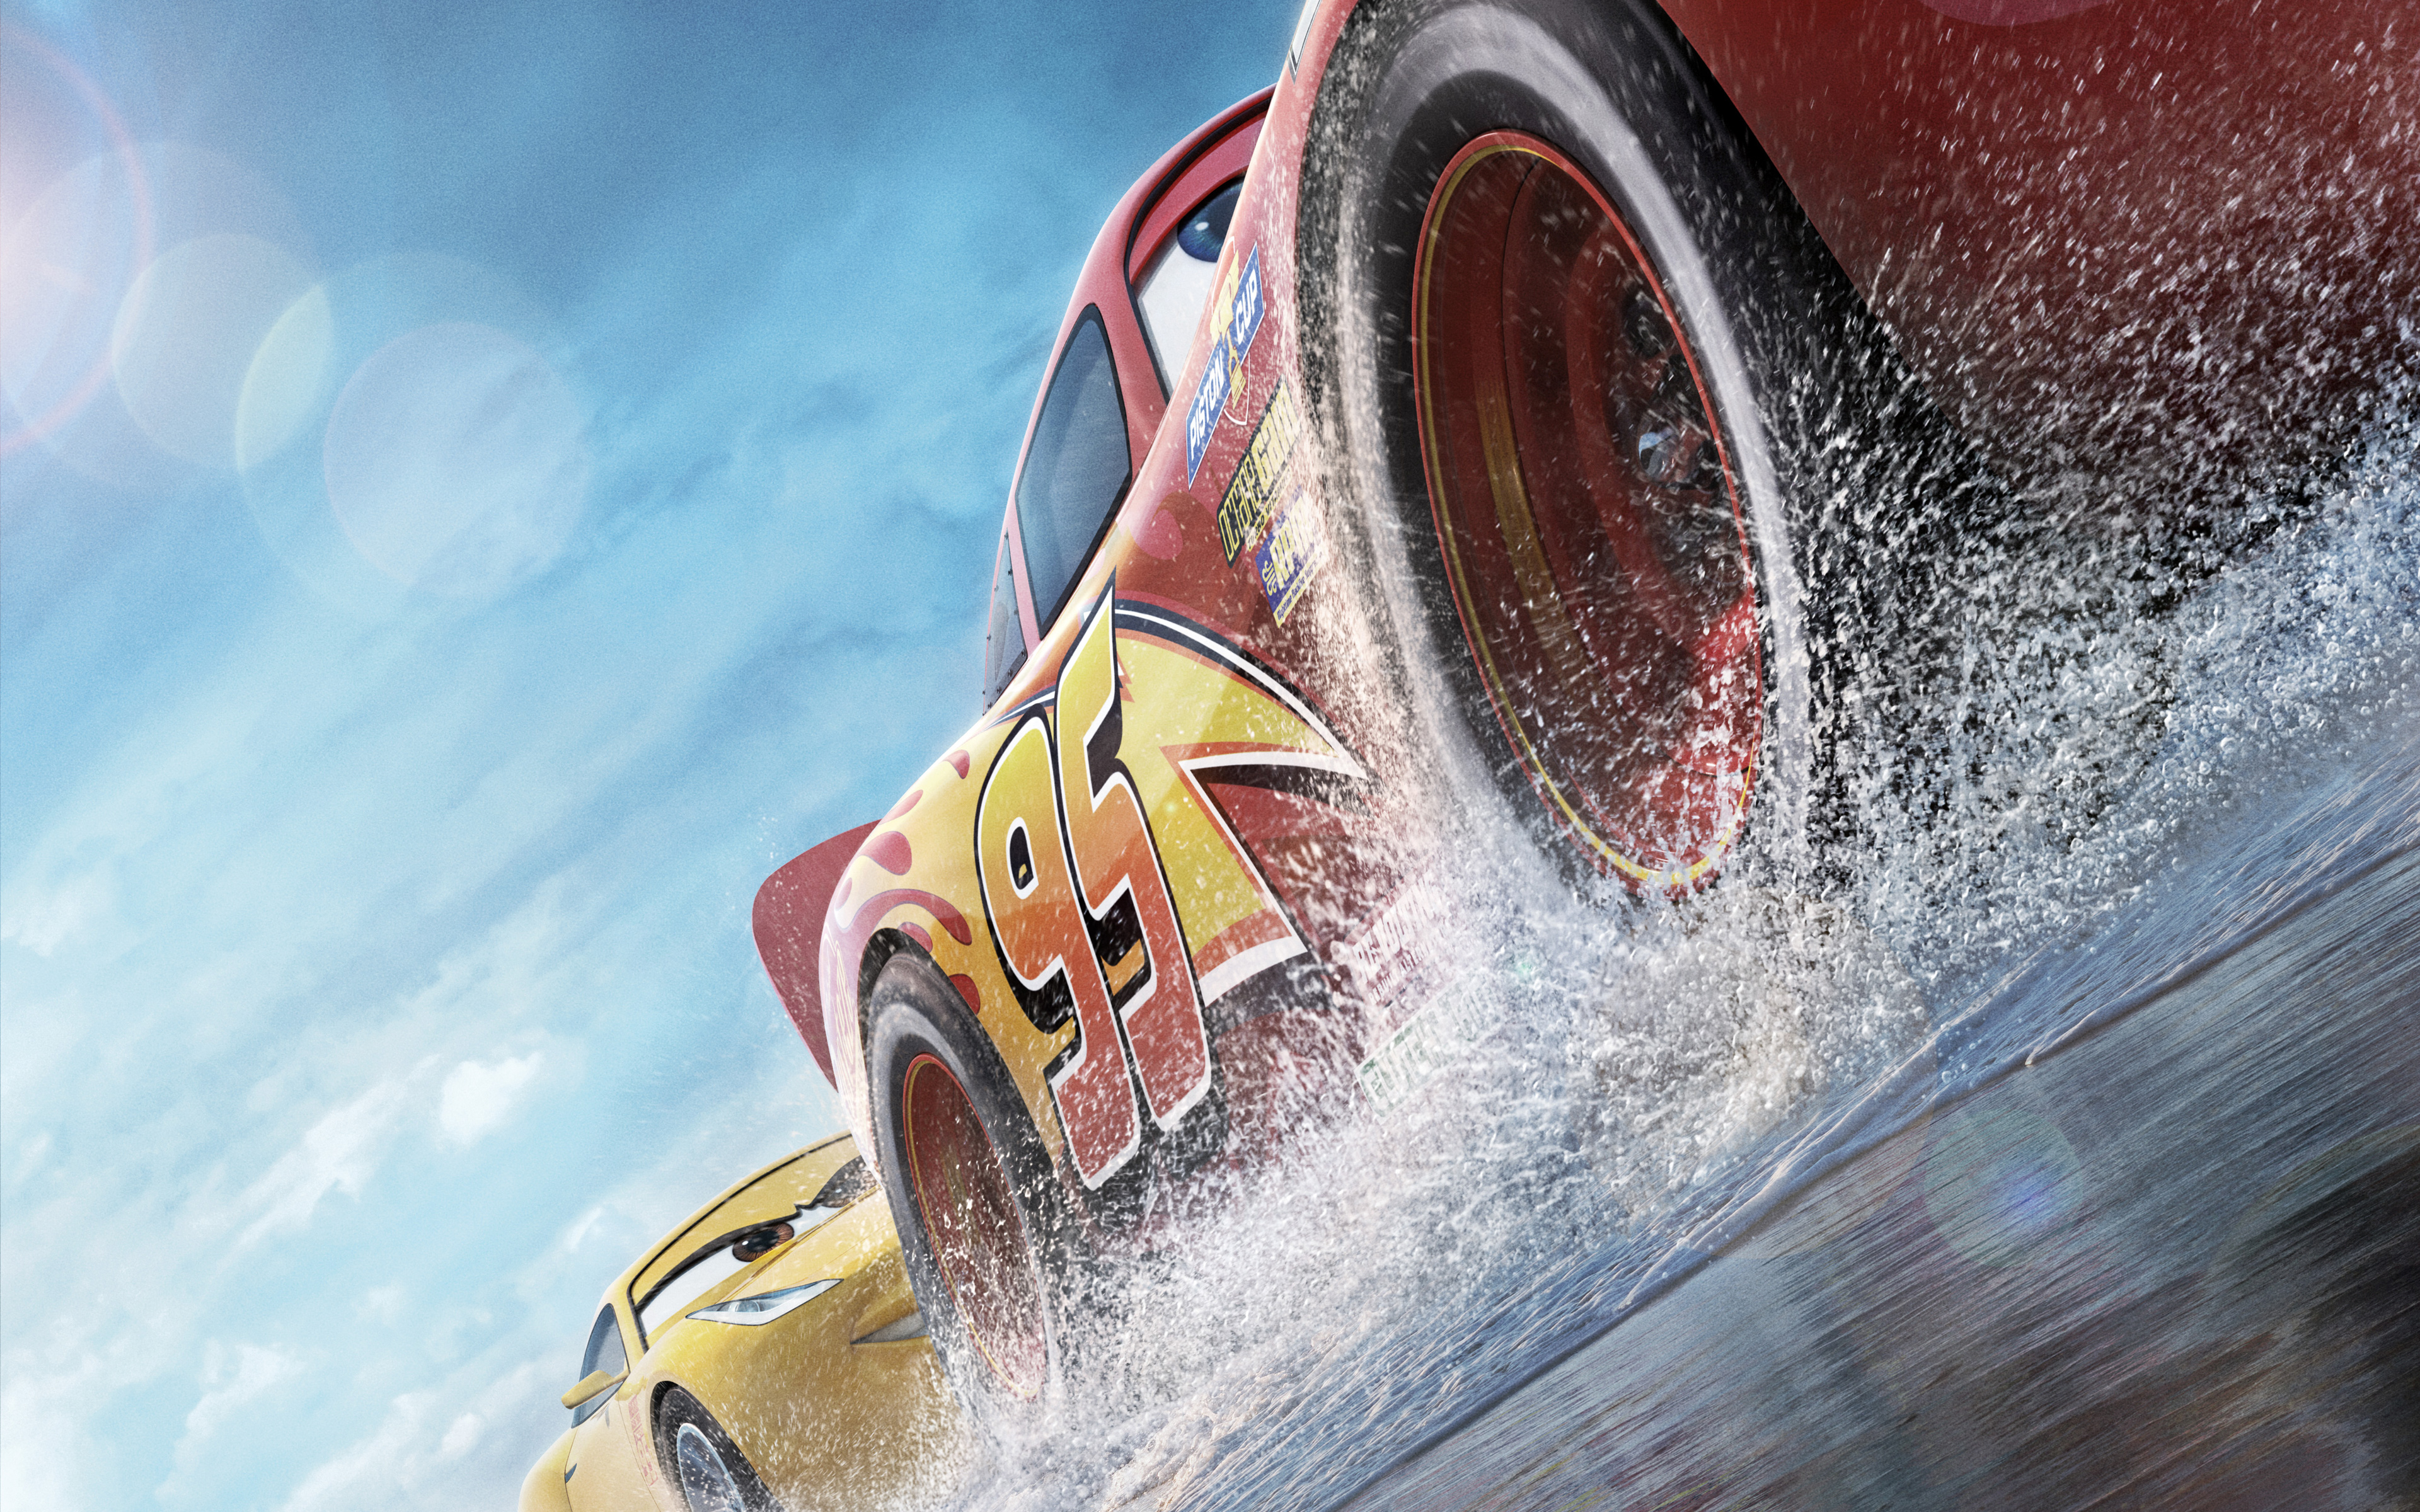 Cars 3 pixar animation. обои скачать